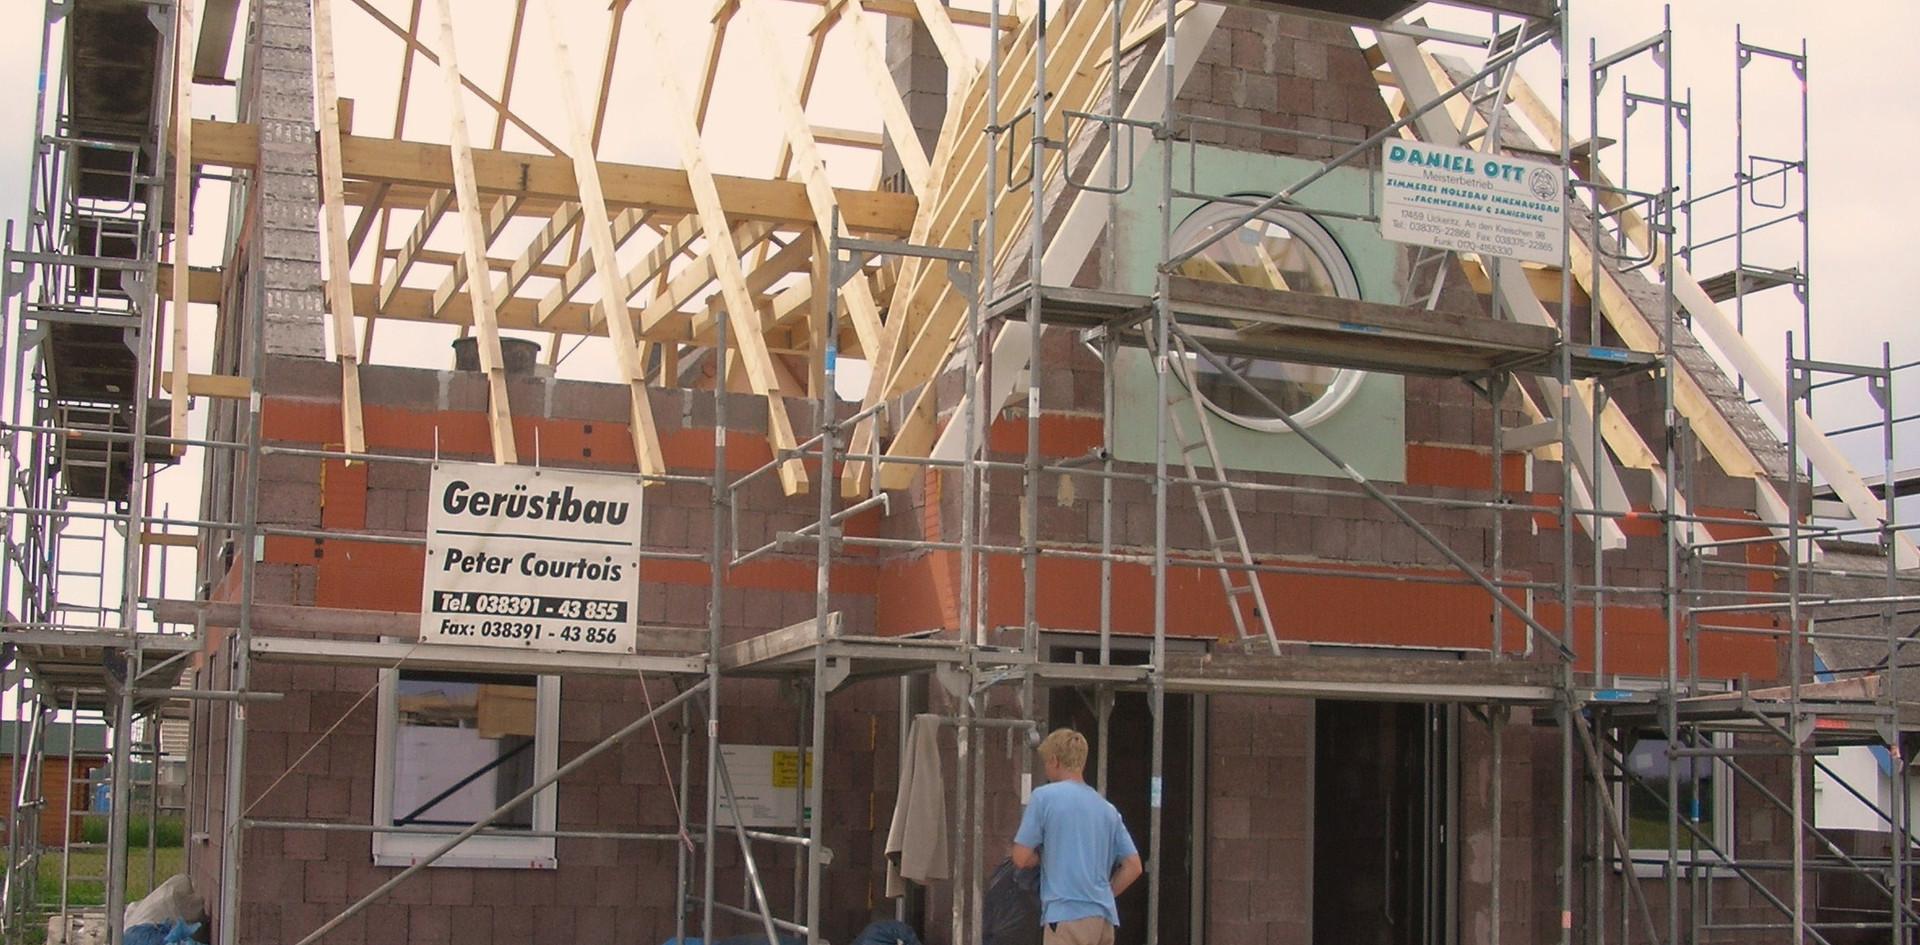 Für die Dachdeckerarbeiten musste ein umlaufendes Stahlgerüst aufgestellt werden.